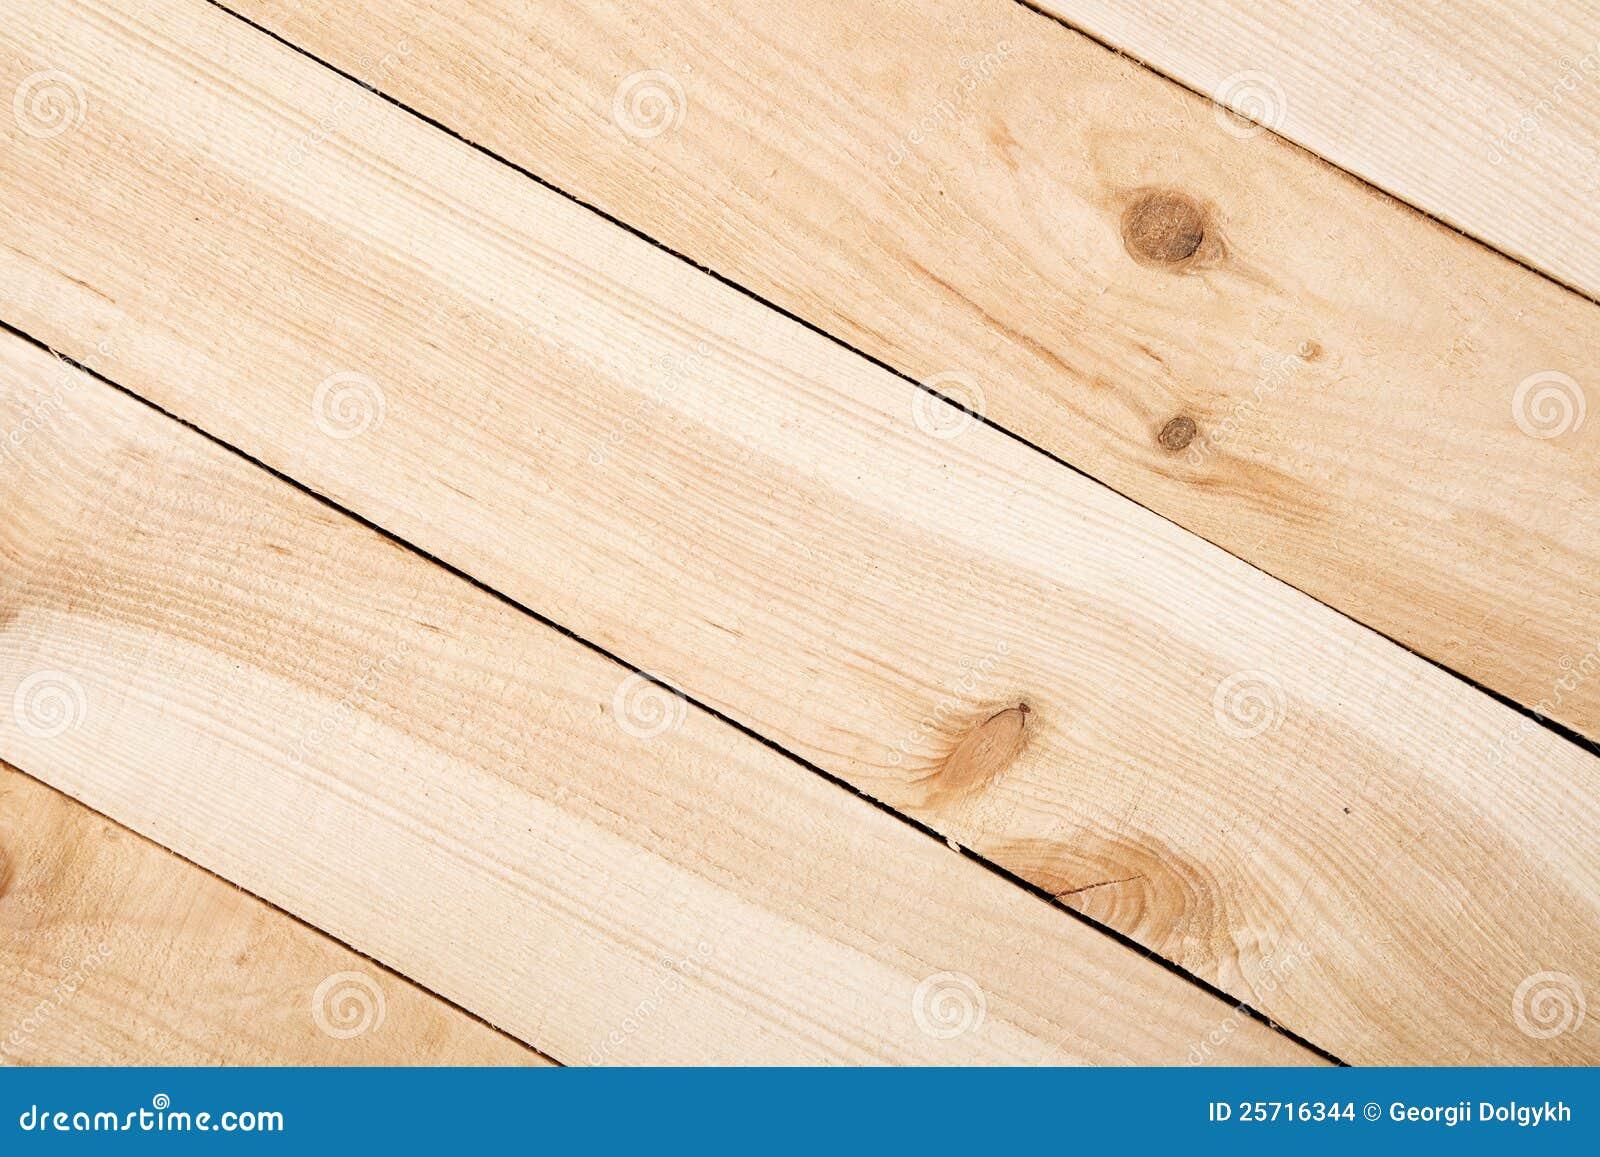 Fondo de los tablones del pino foto de archivo imagen de for Tablones de madera precios